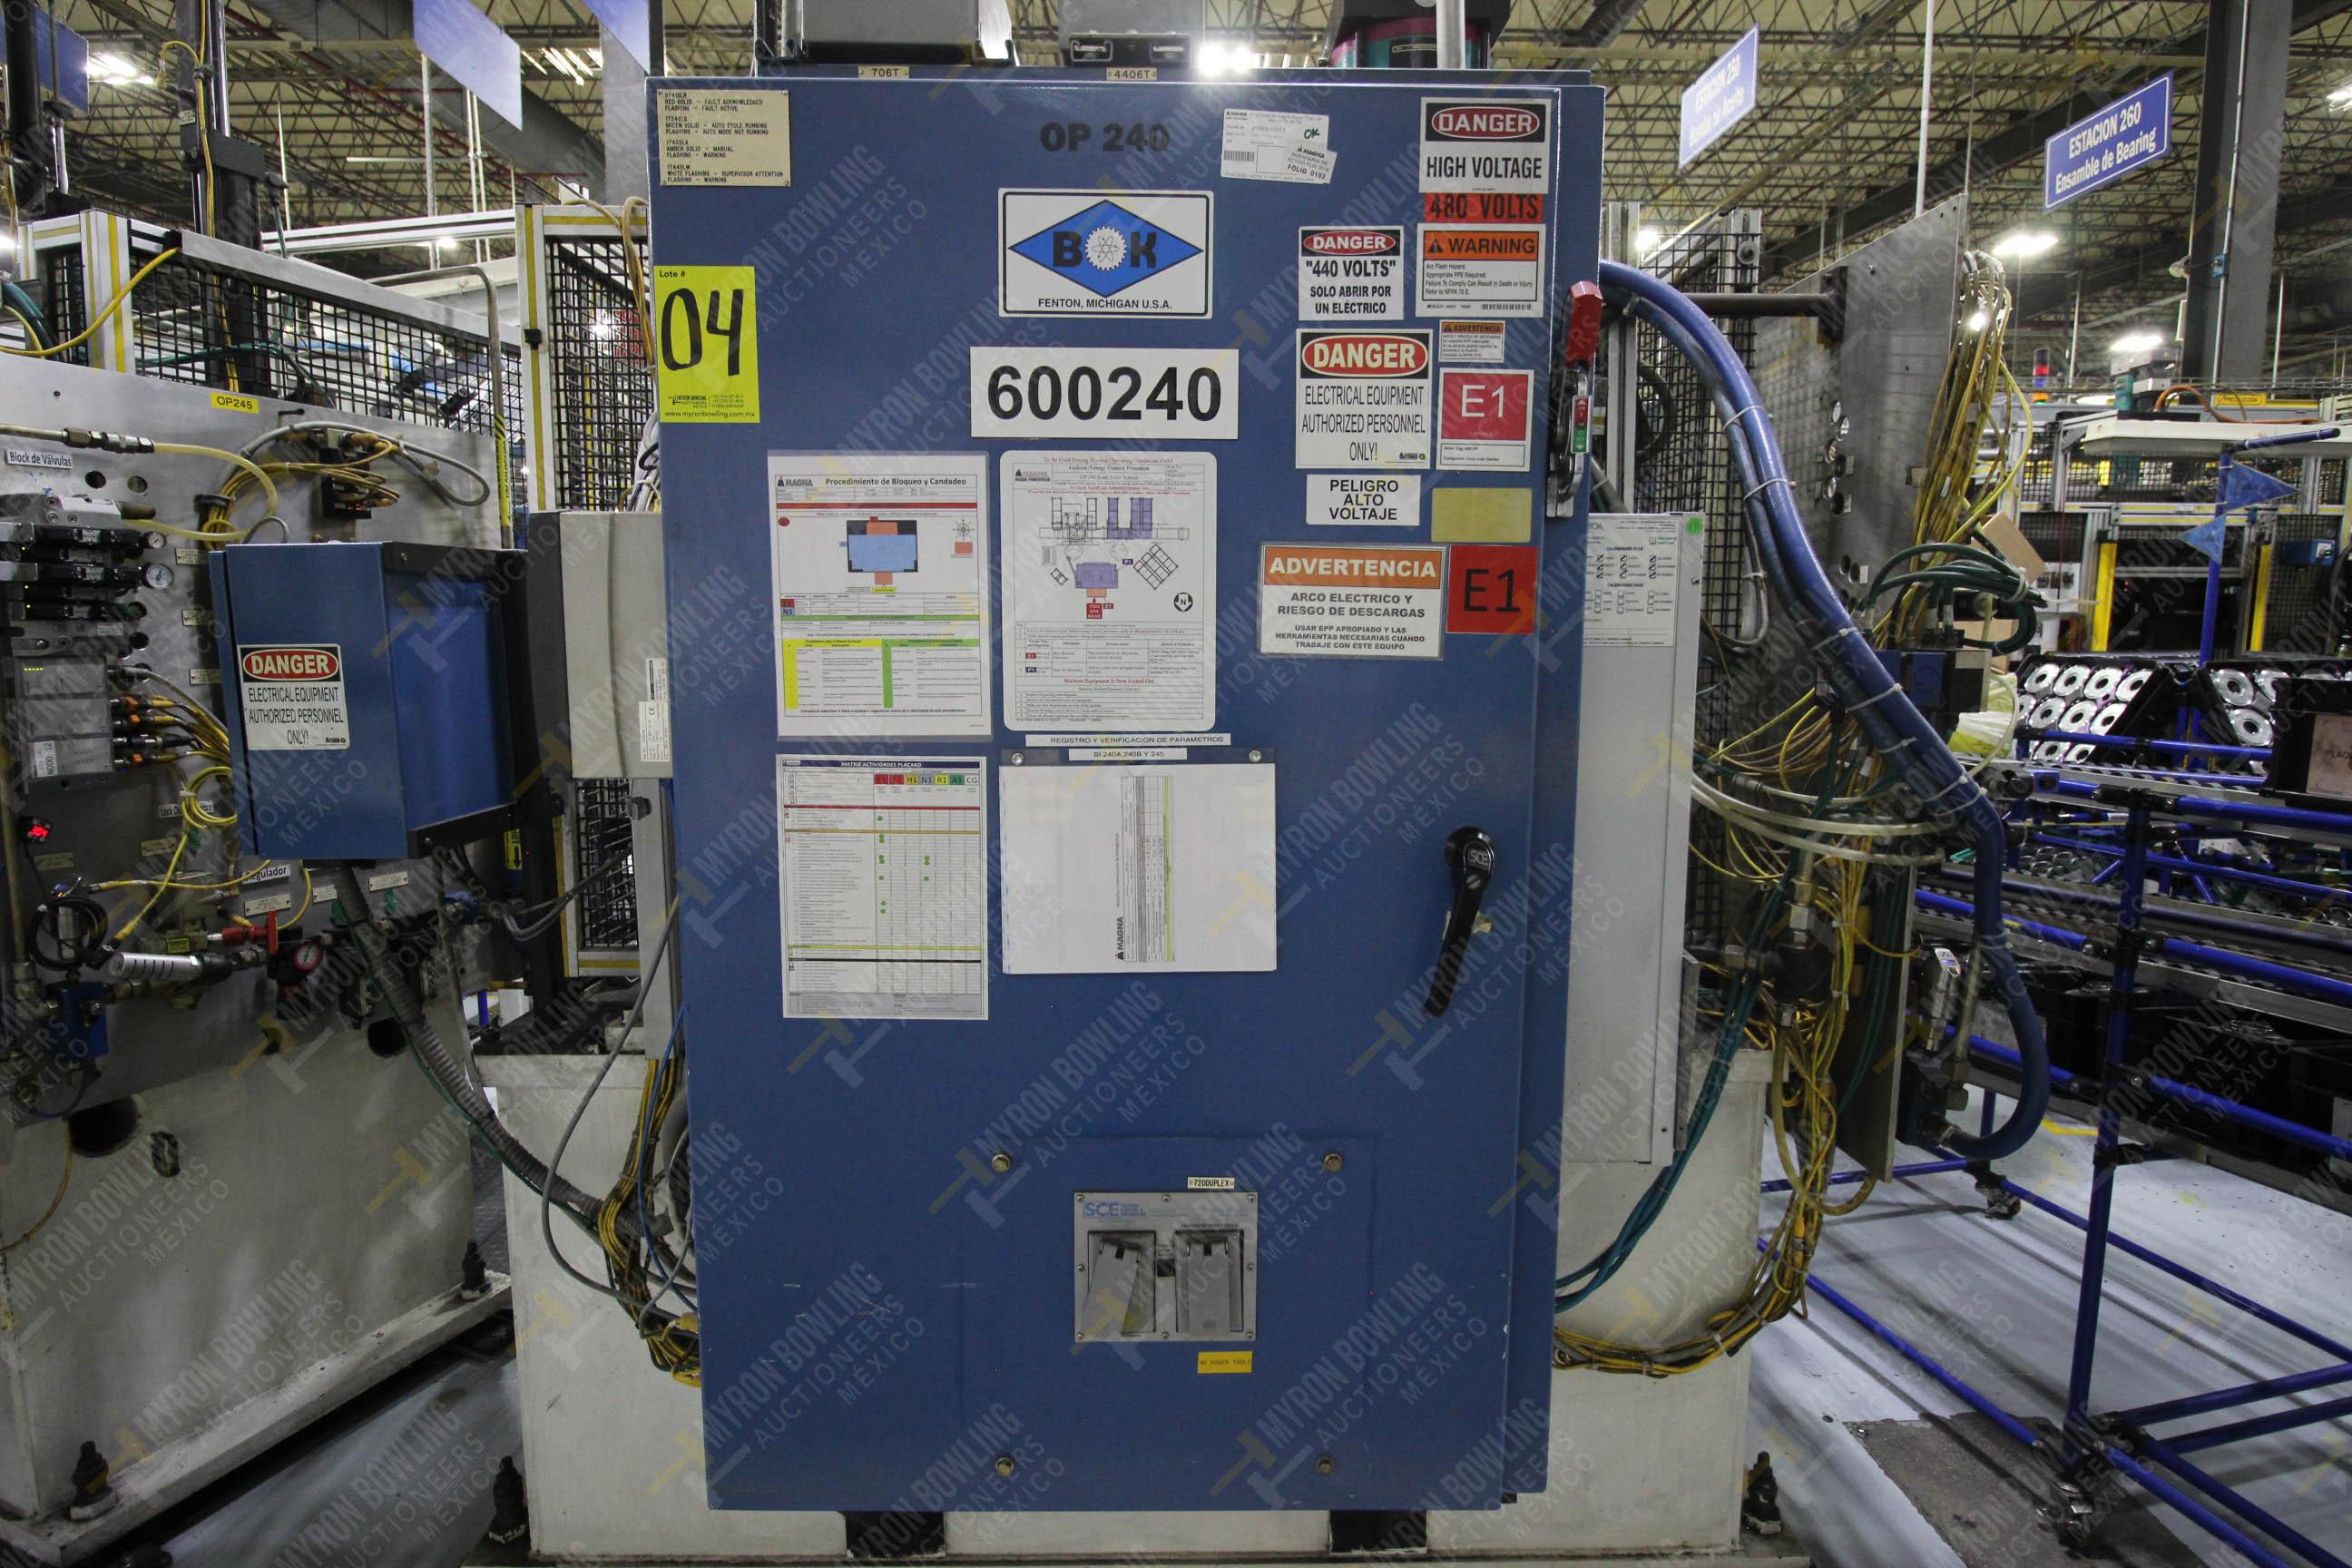 Estación semiautomática para operación 240A de ensamble de balero - Image 18 of 29